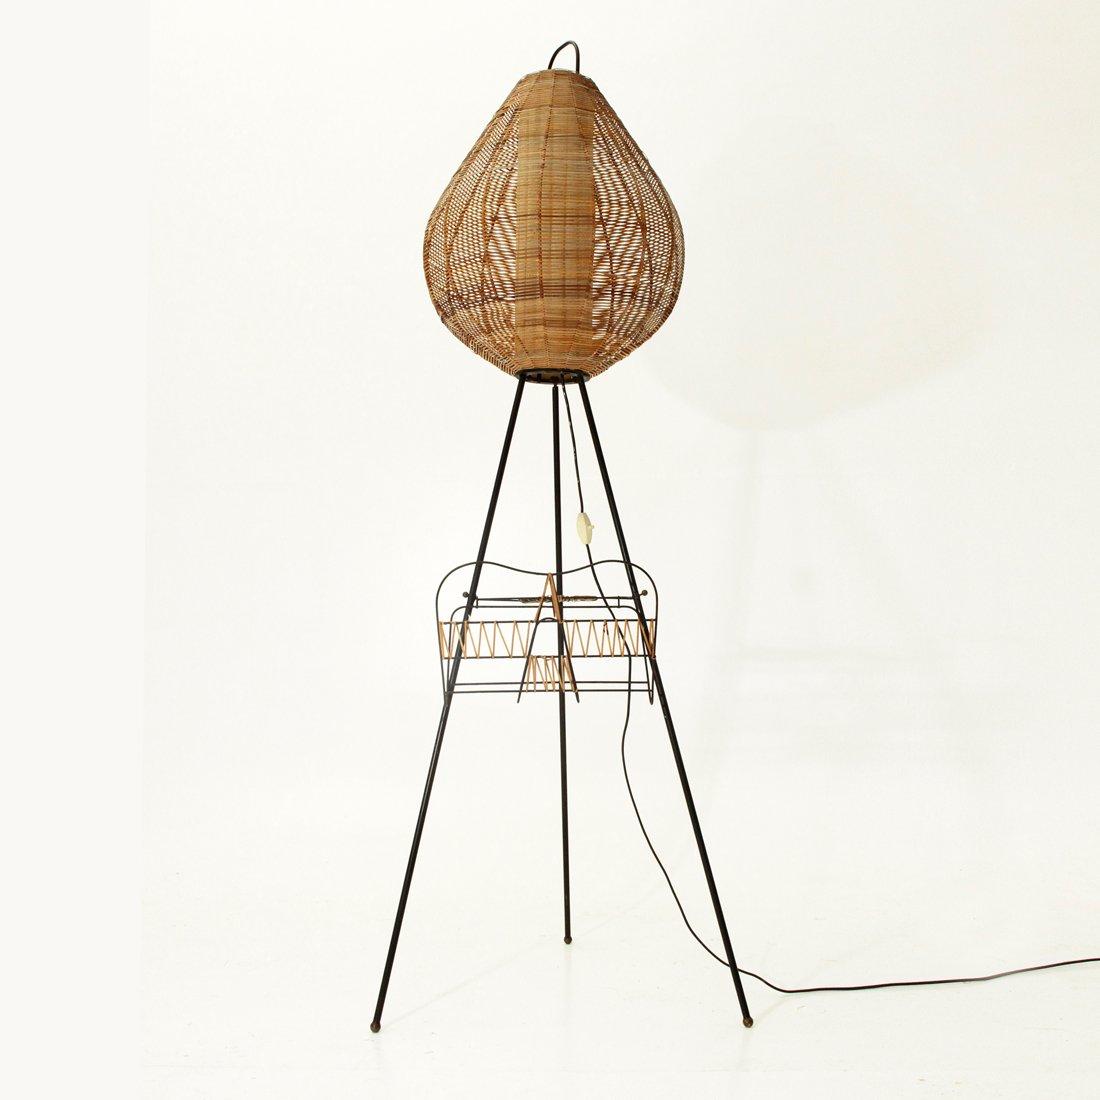 dreifu stehlampe mit leuchte aus schilfrohr 1950er bei pamono kaufen. Black Bedroom Furniture Sets. Home Design Ideas